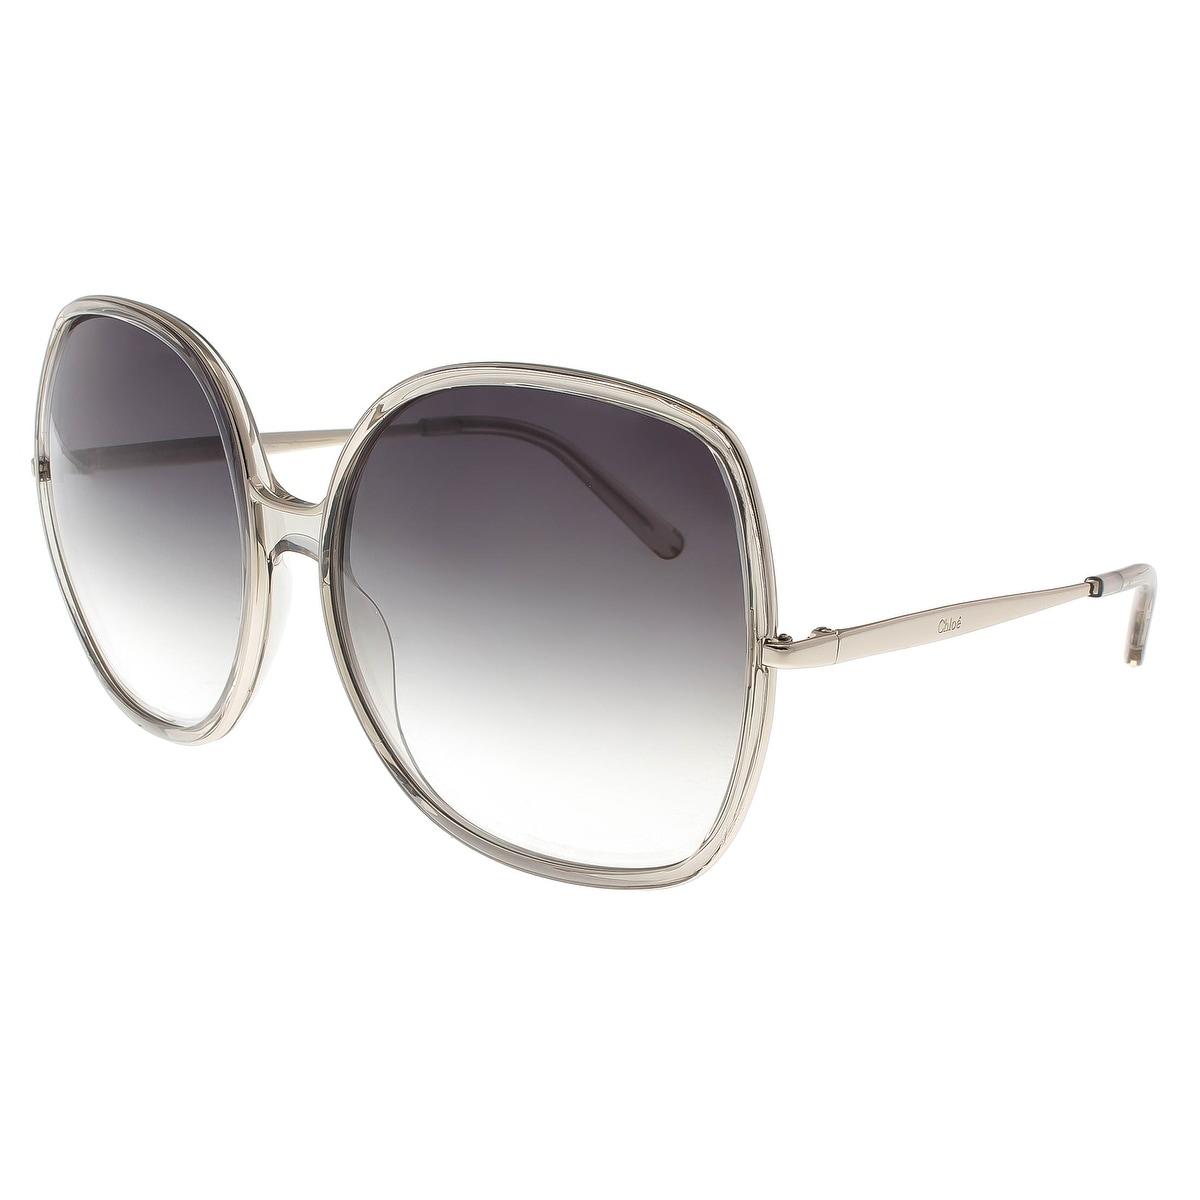 4e928b07e1d8 Chloe Sunglasses